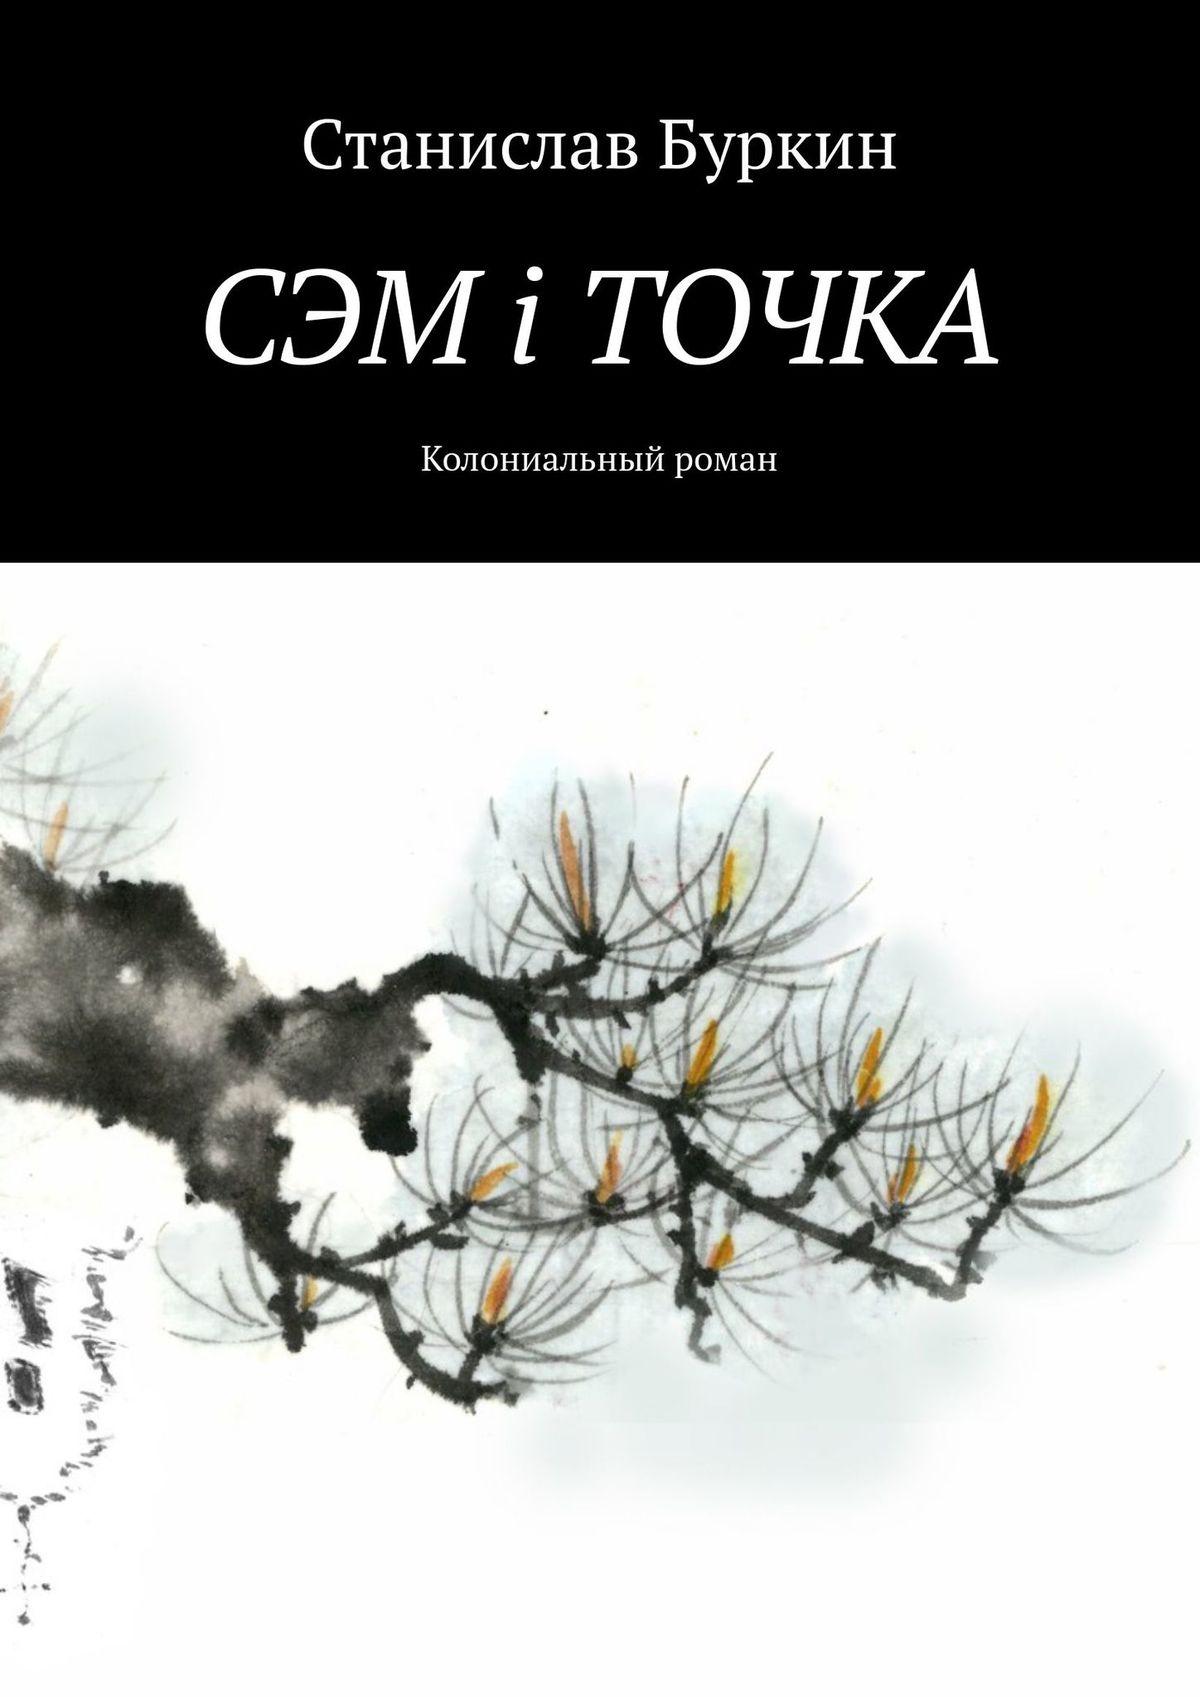 Станислав Юльевич Буркин Сэм иточка. Колониальный роман